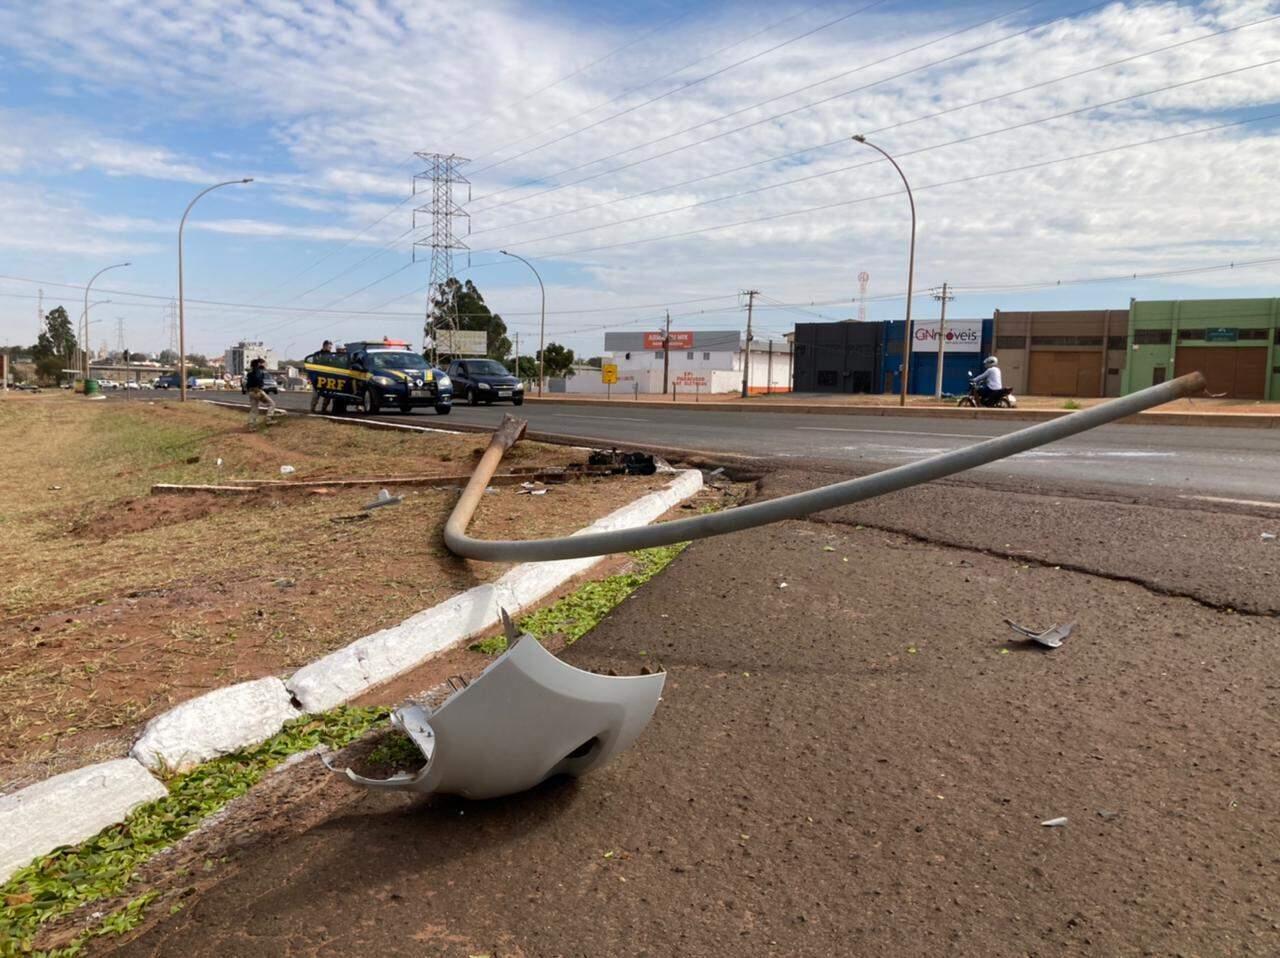 Com o impacto da batida, poste de luz e parte do para-choque do veículo foram derrubados (Foto: Mariely Barros)